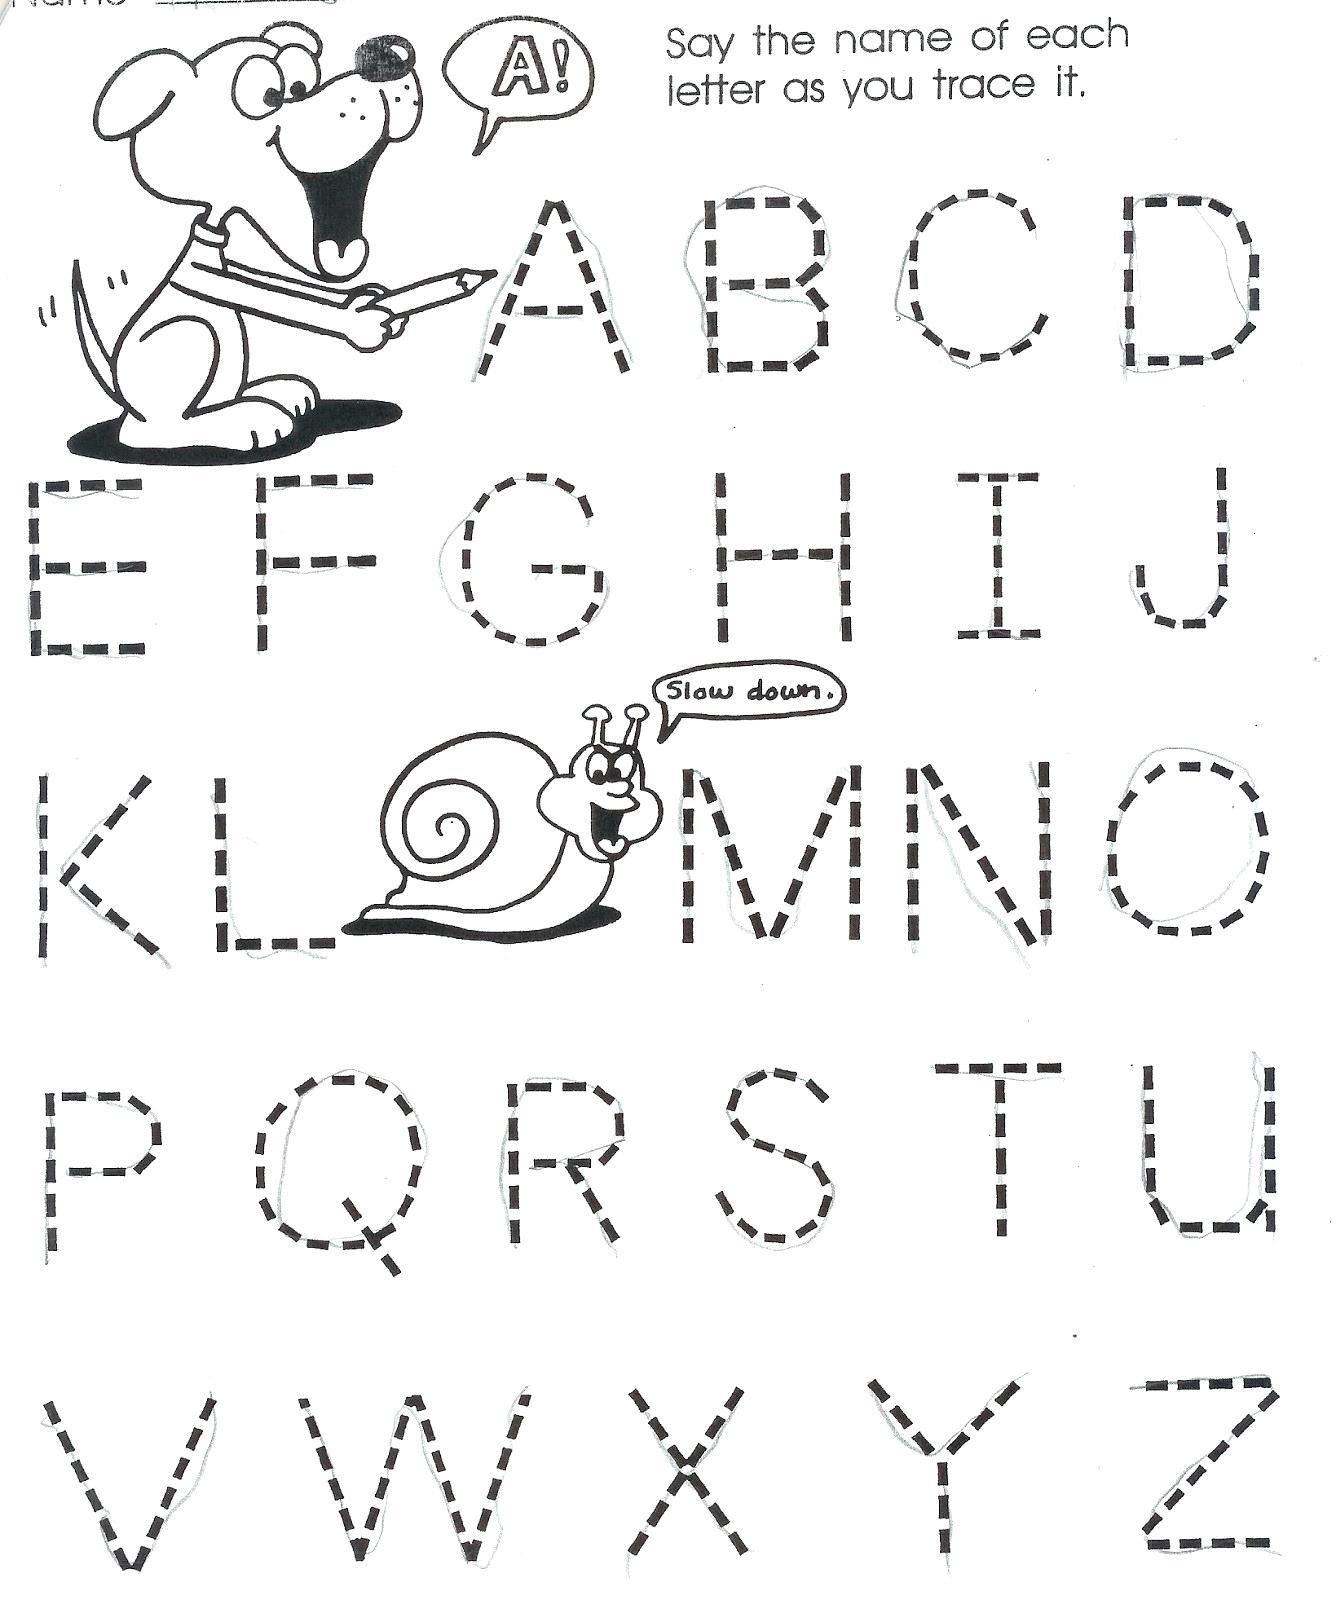 Worksheets For Year Old Letter Worksheet Letters Alphabet regarding Alphabet Worksheets For 2 Year Olds